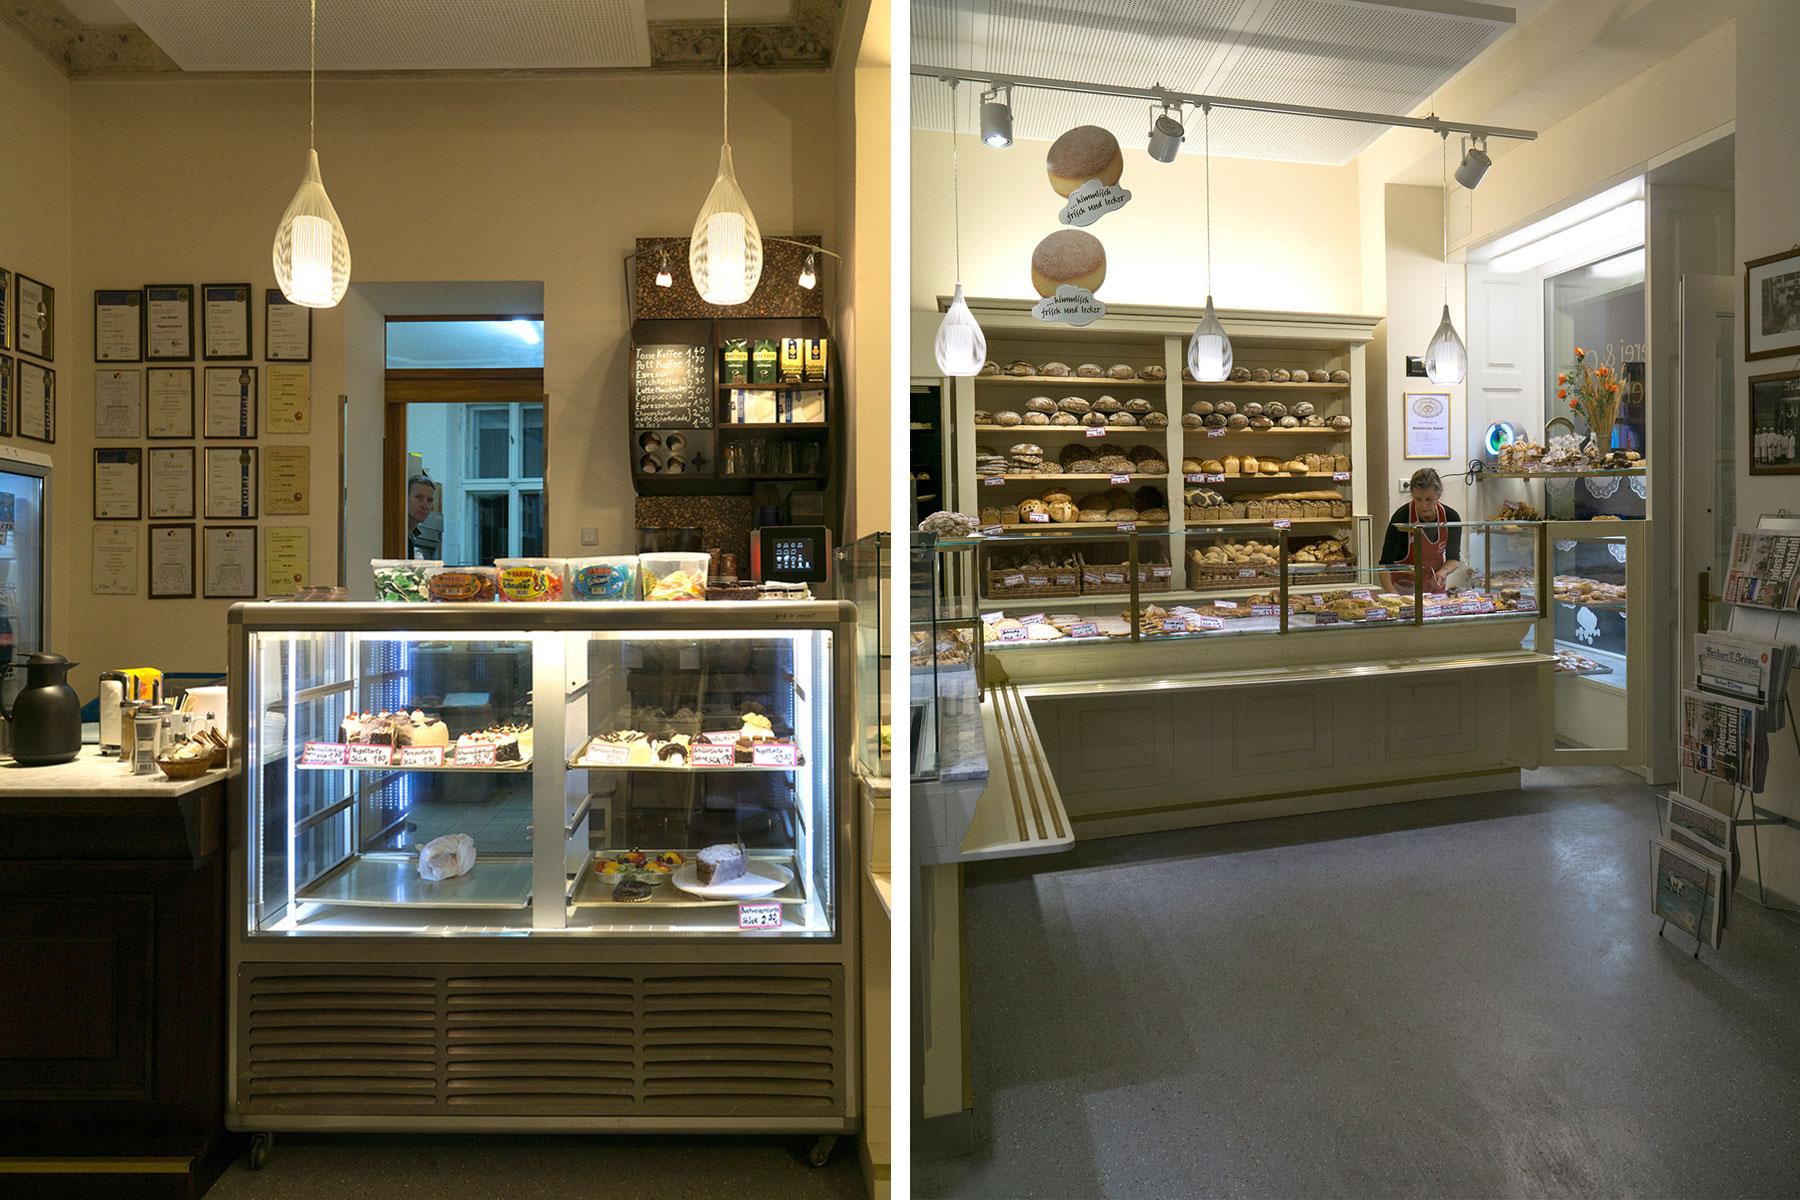 Bäckerei Siebert Verkaufsraum